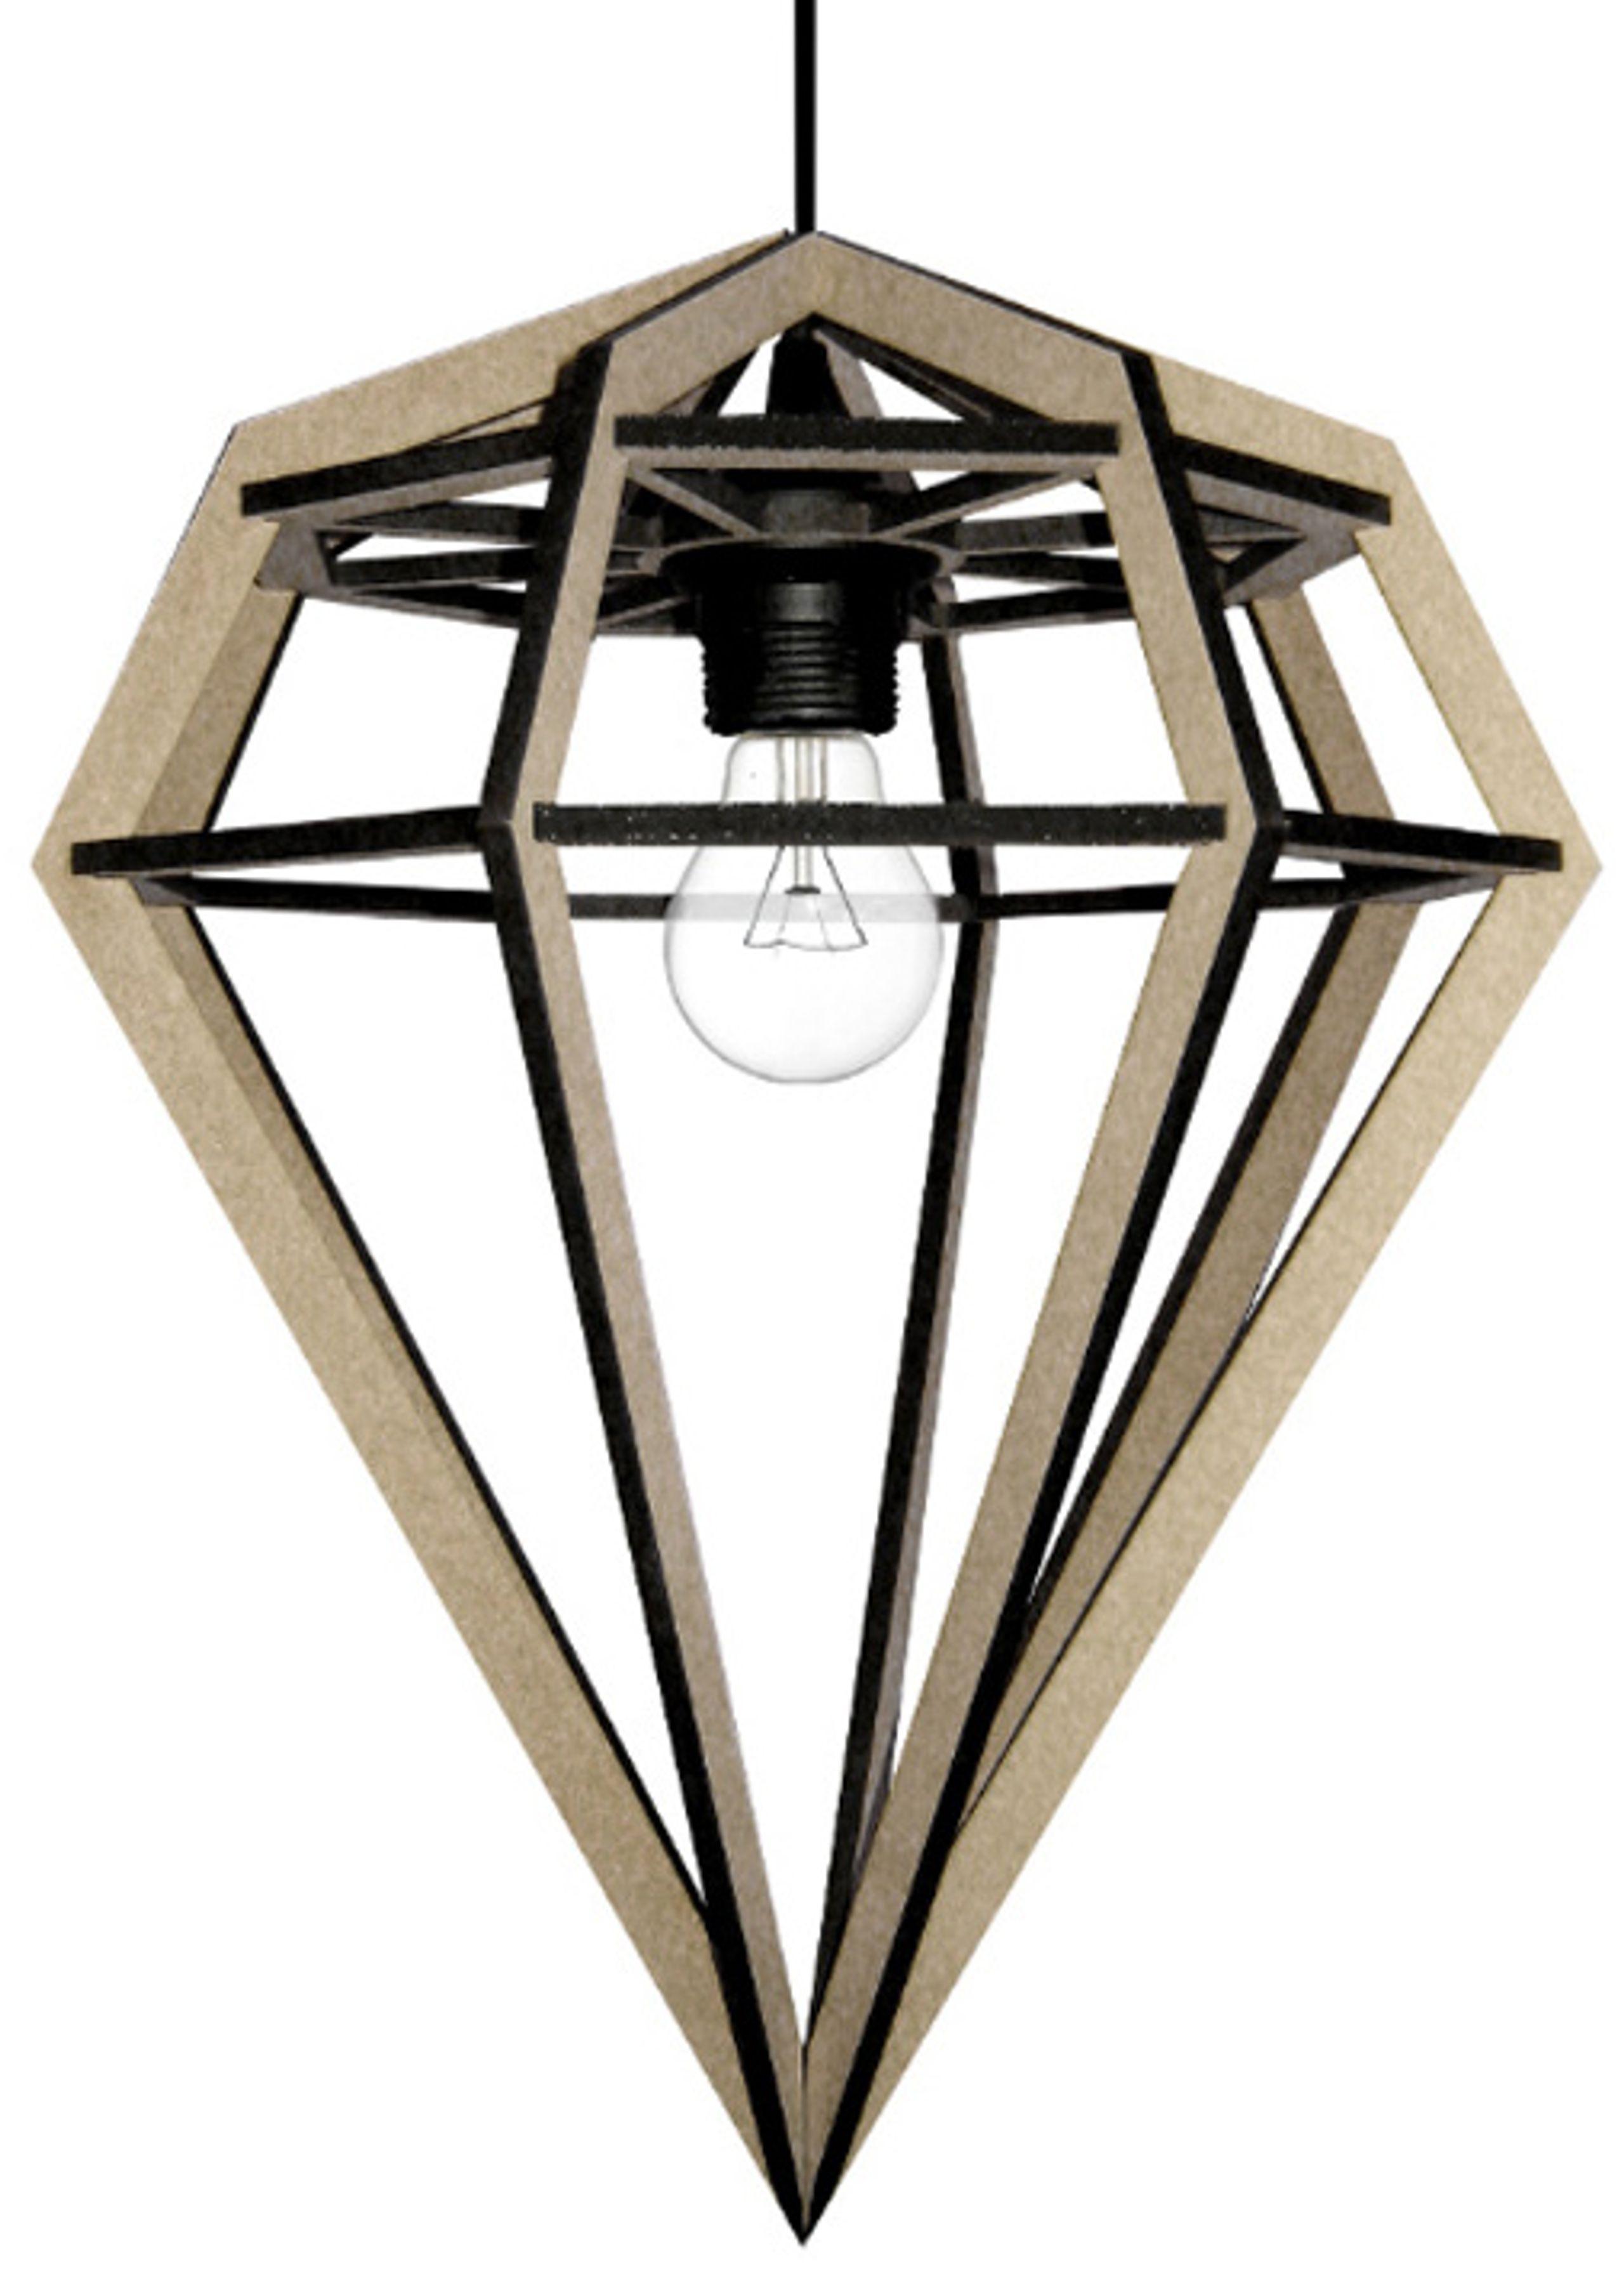 Döden lampe - large